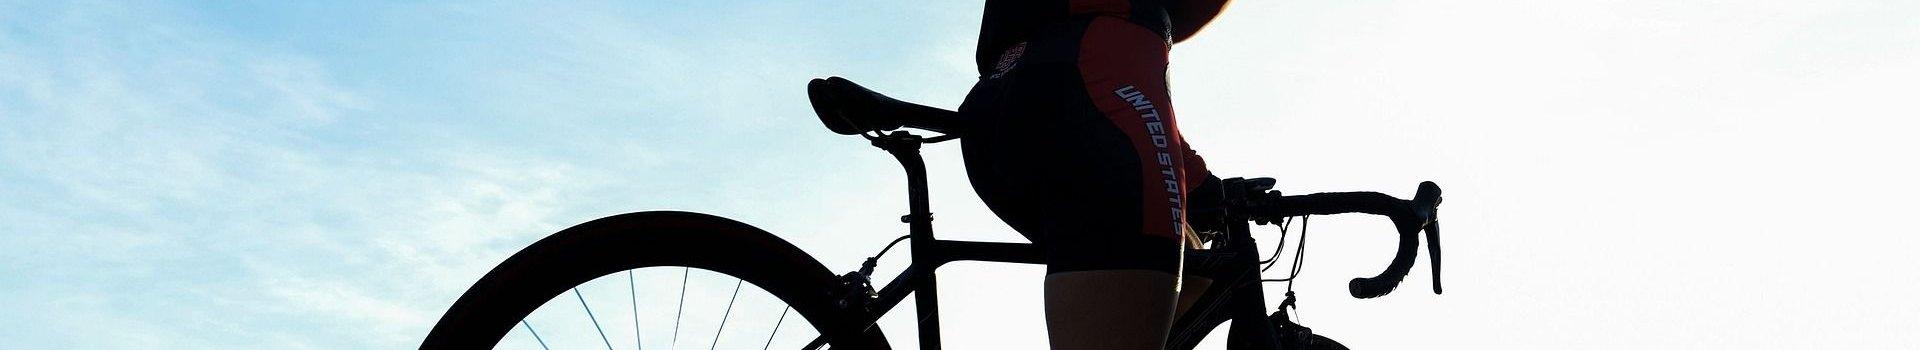 Światowy Dzień Roweru - świętuj z nami dzień wszystkich kolarzy